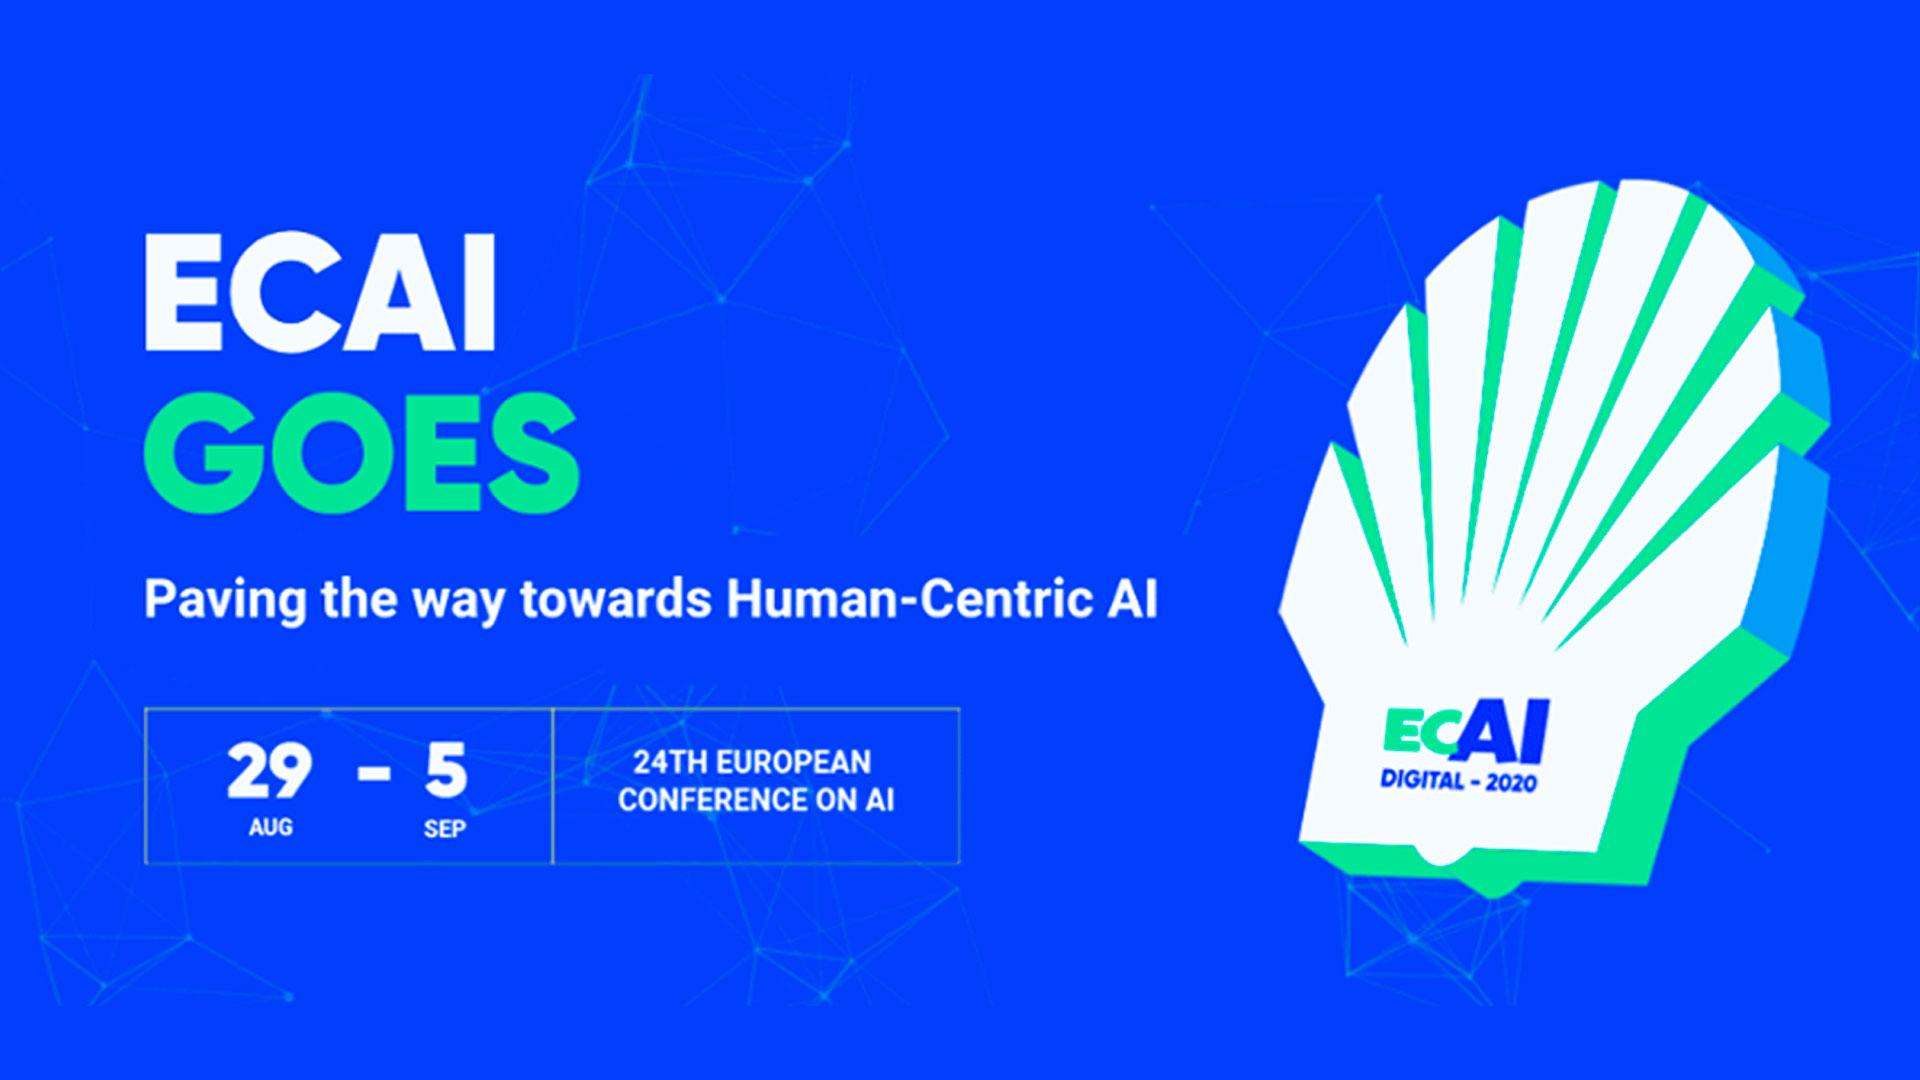 Grabación, Edición y Postproducción de videos para el Congreso Digital Ecai 2020